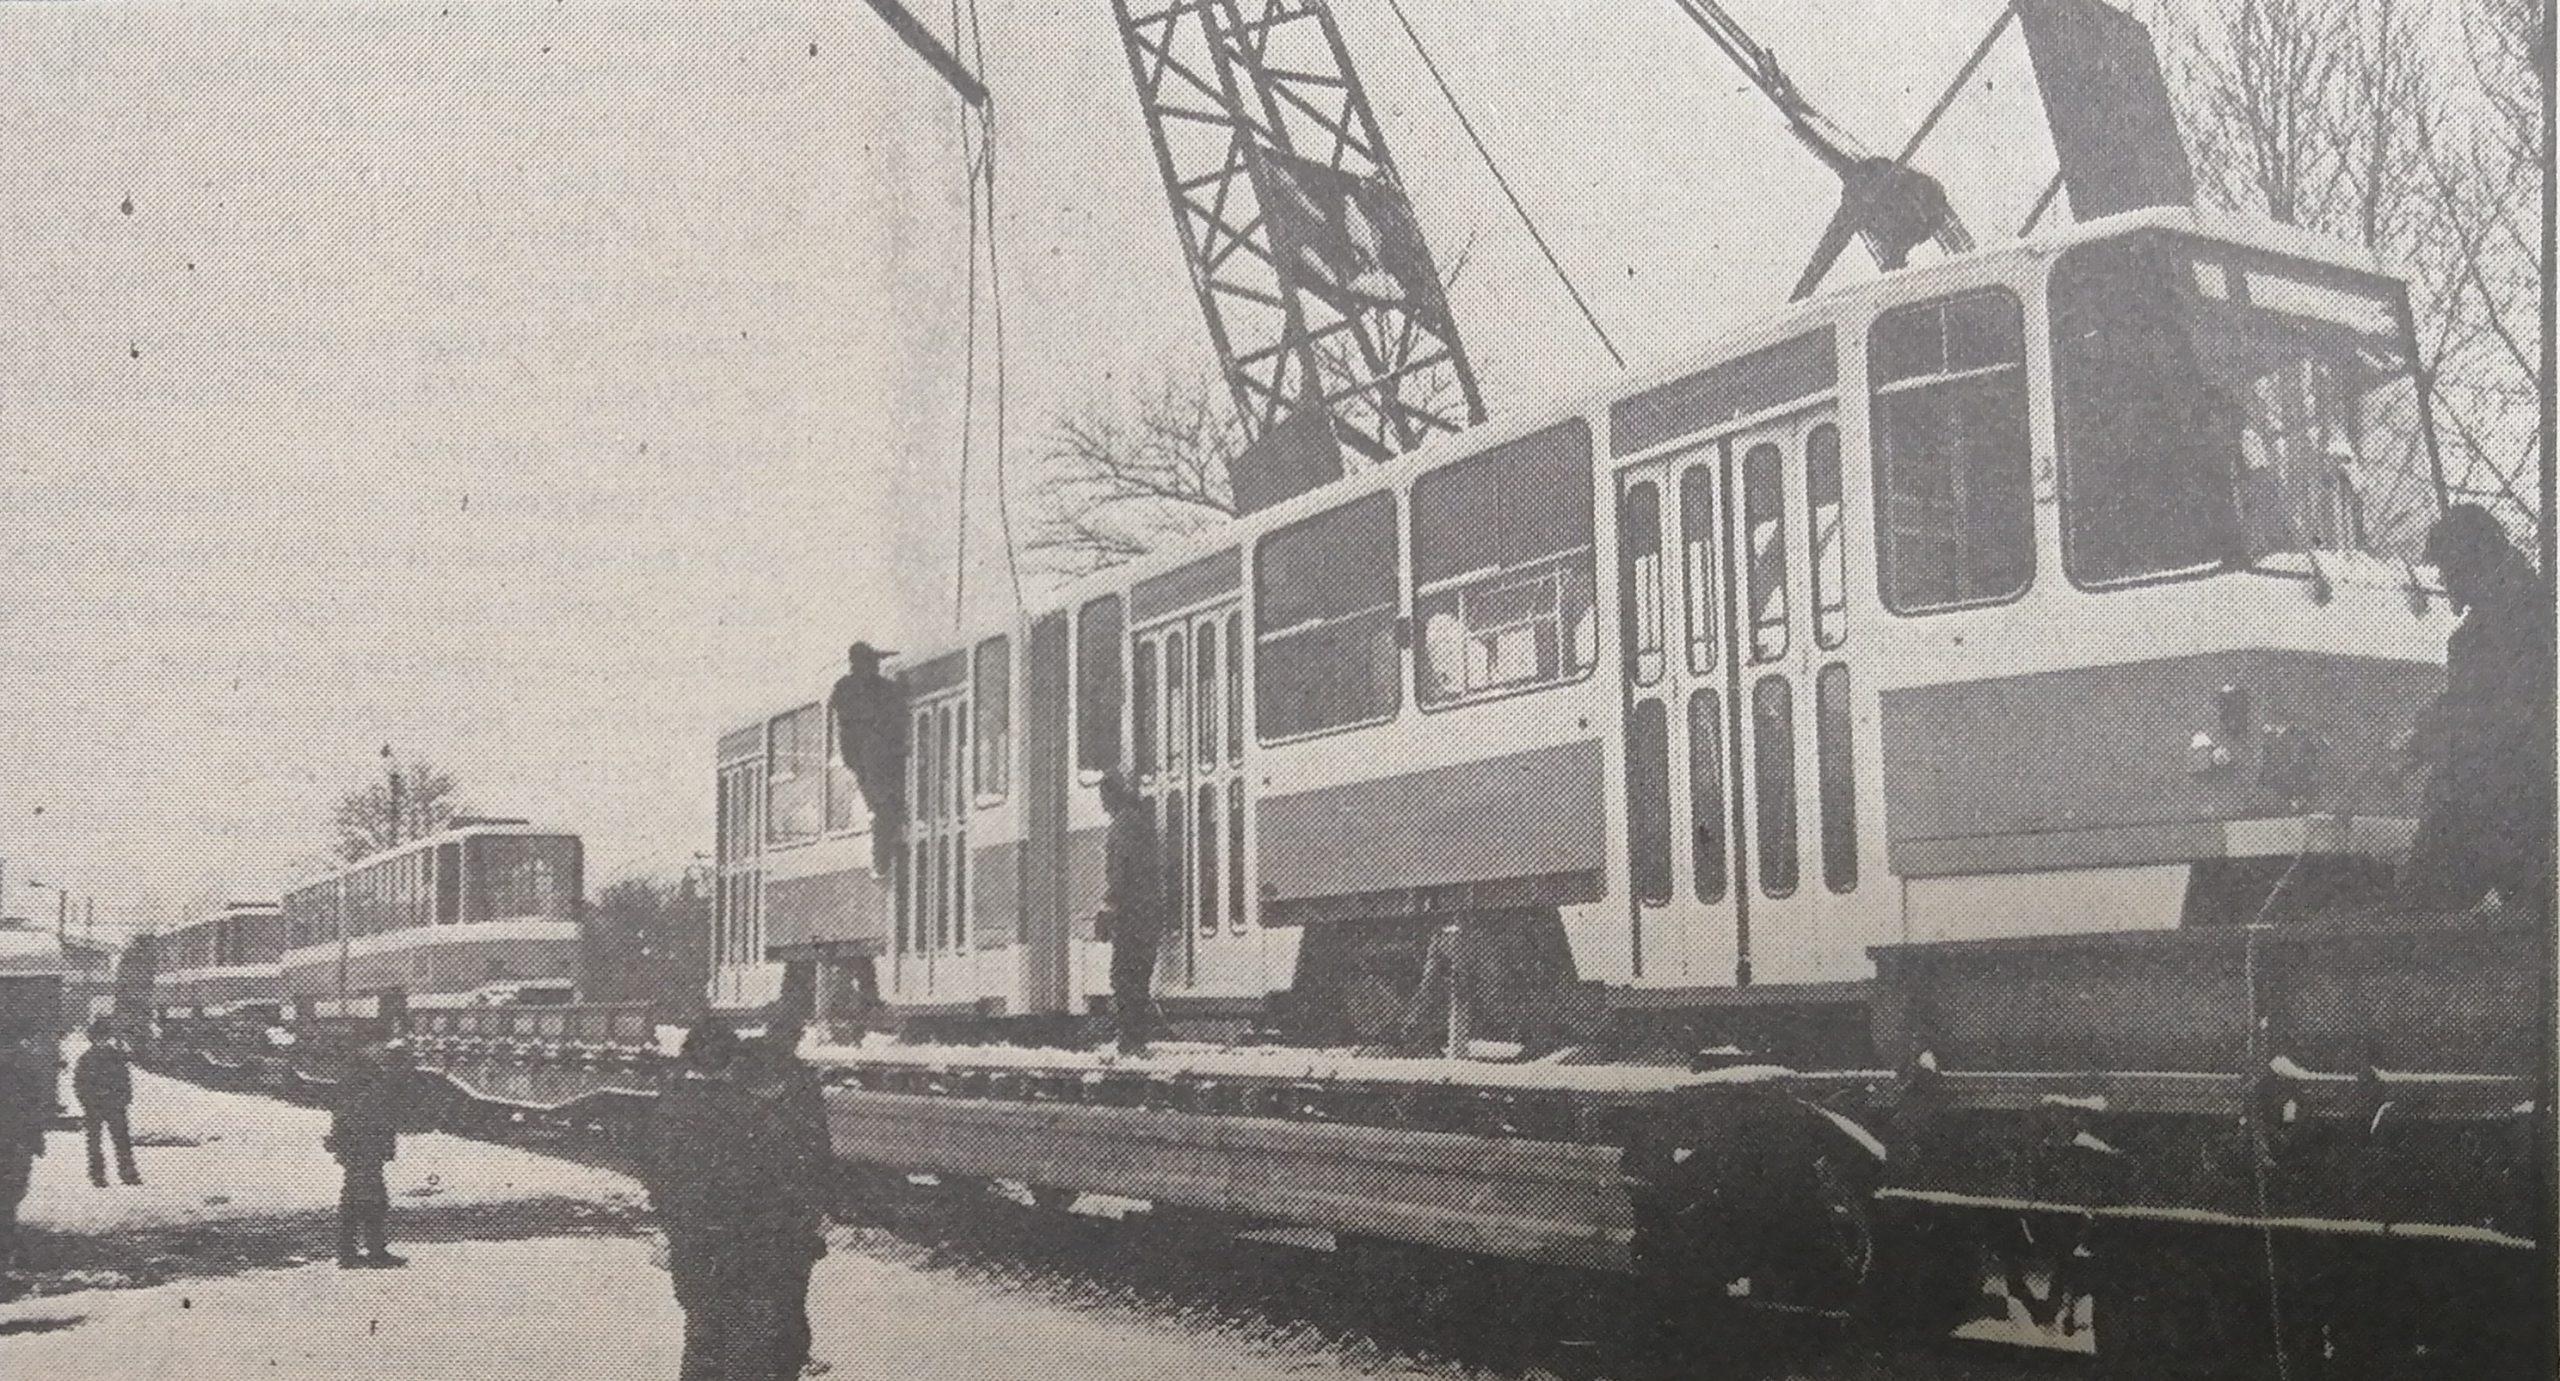 Первые семь КТ-4 в ожидании «воздушного путешествия» с железнодорожной платформы на трамвайные пути. Февраль 1981 года.